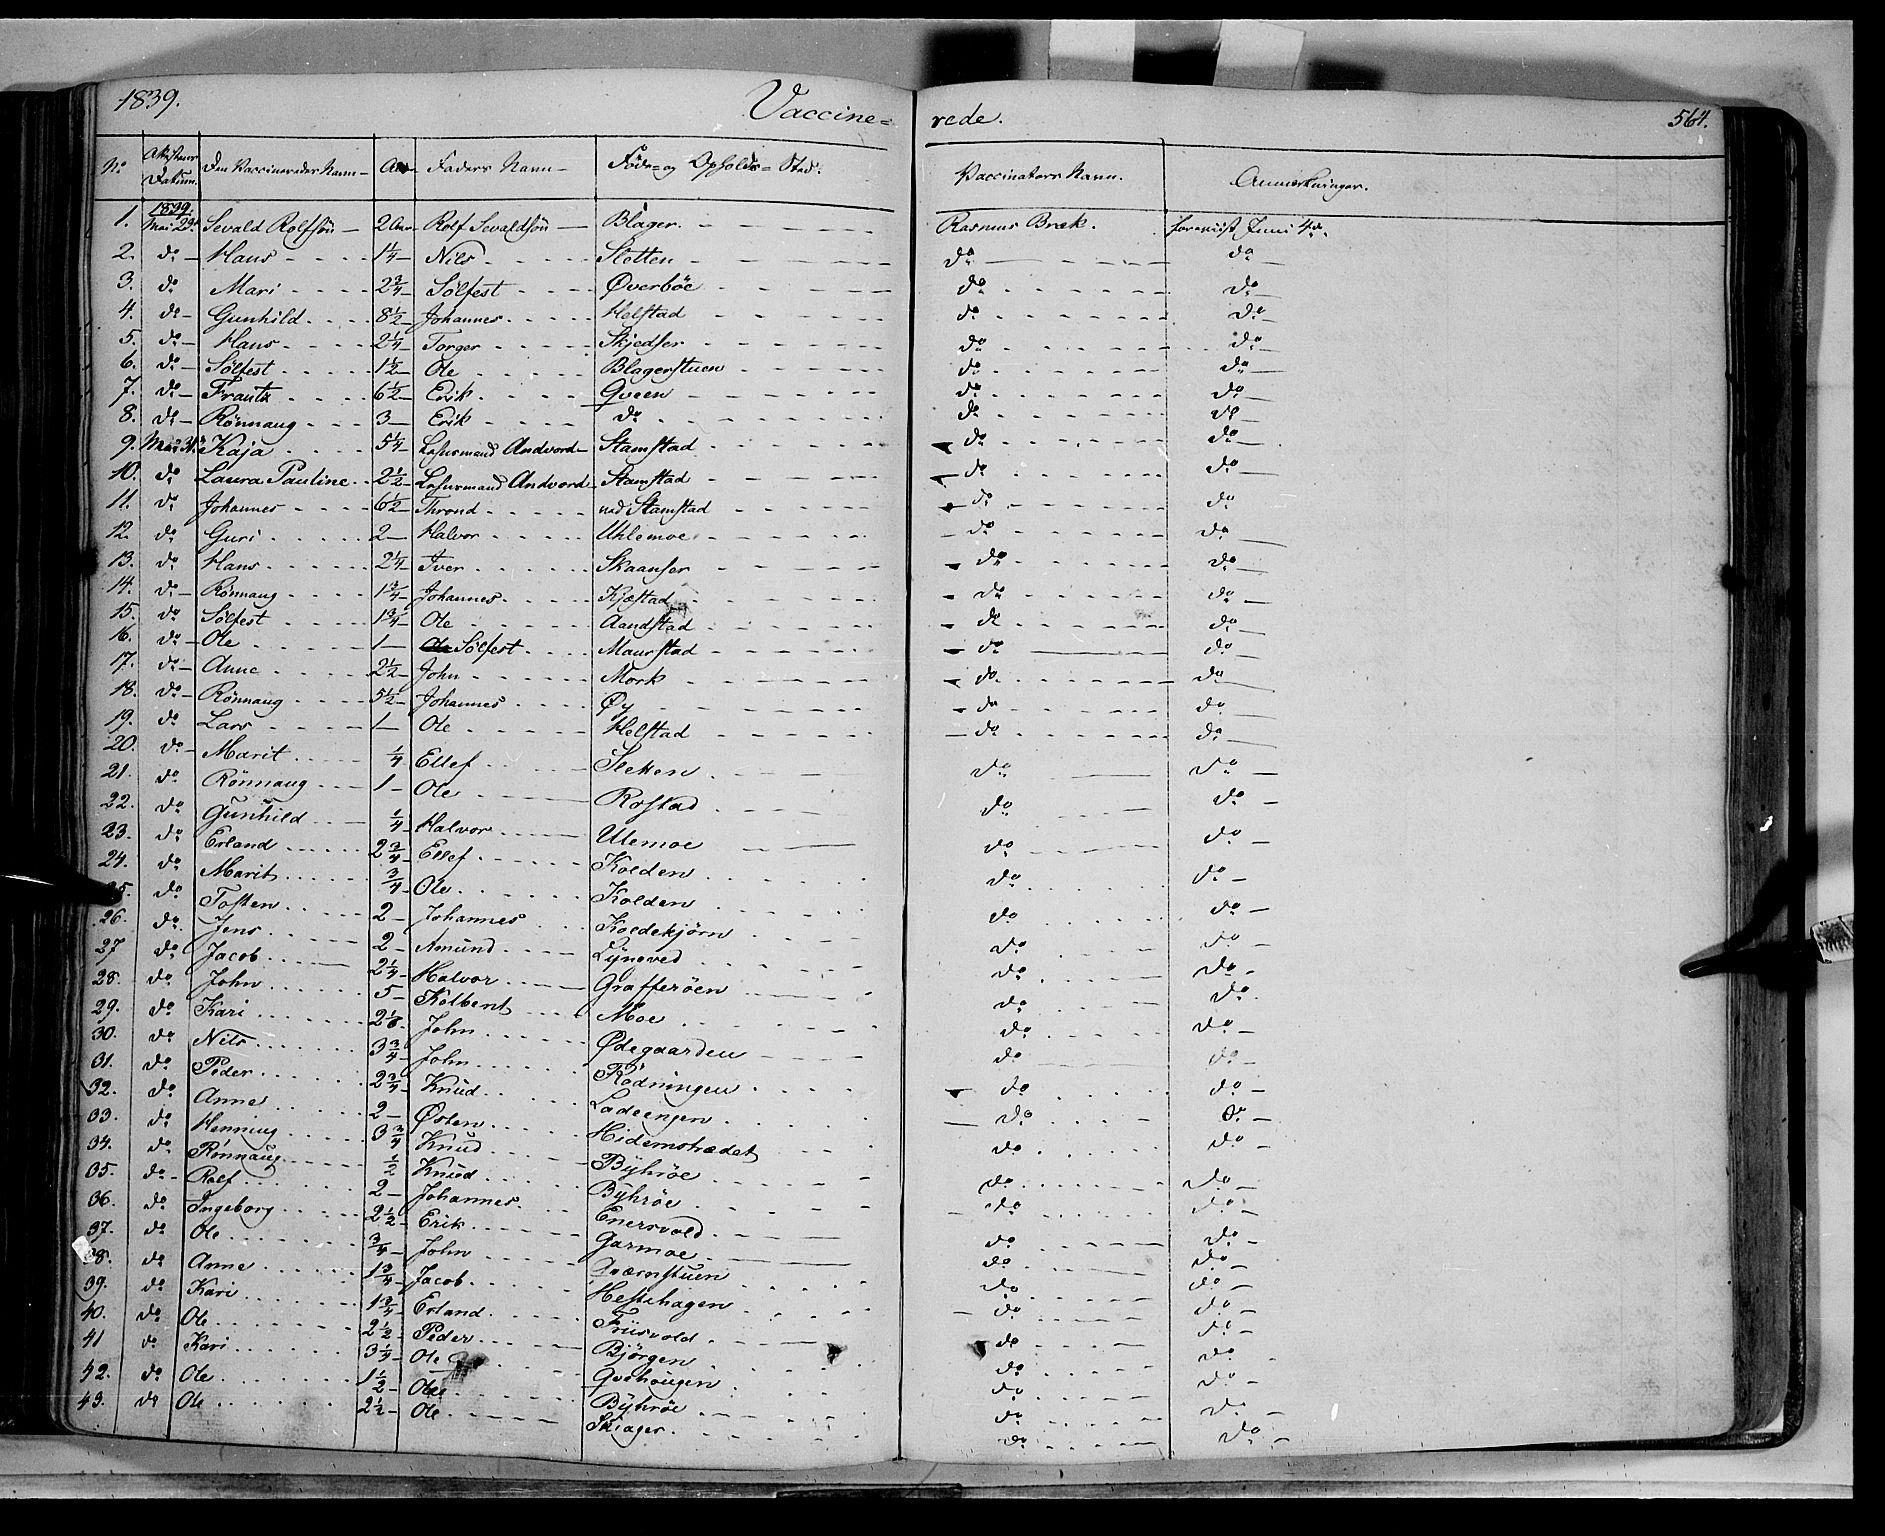 SAH, Lom prestekontor, K/L0006: Ministerialbok nr. 6B, 1837-1863, s. 564